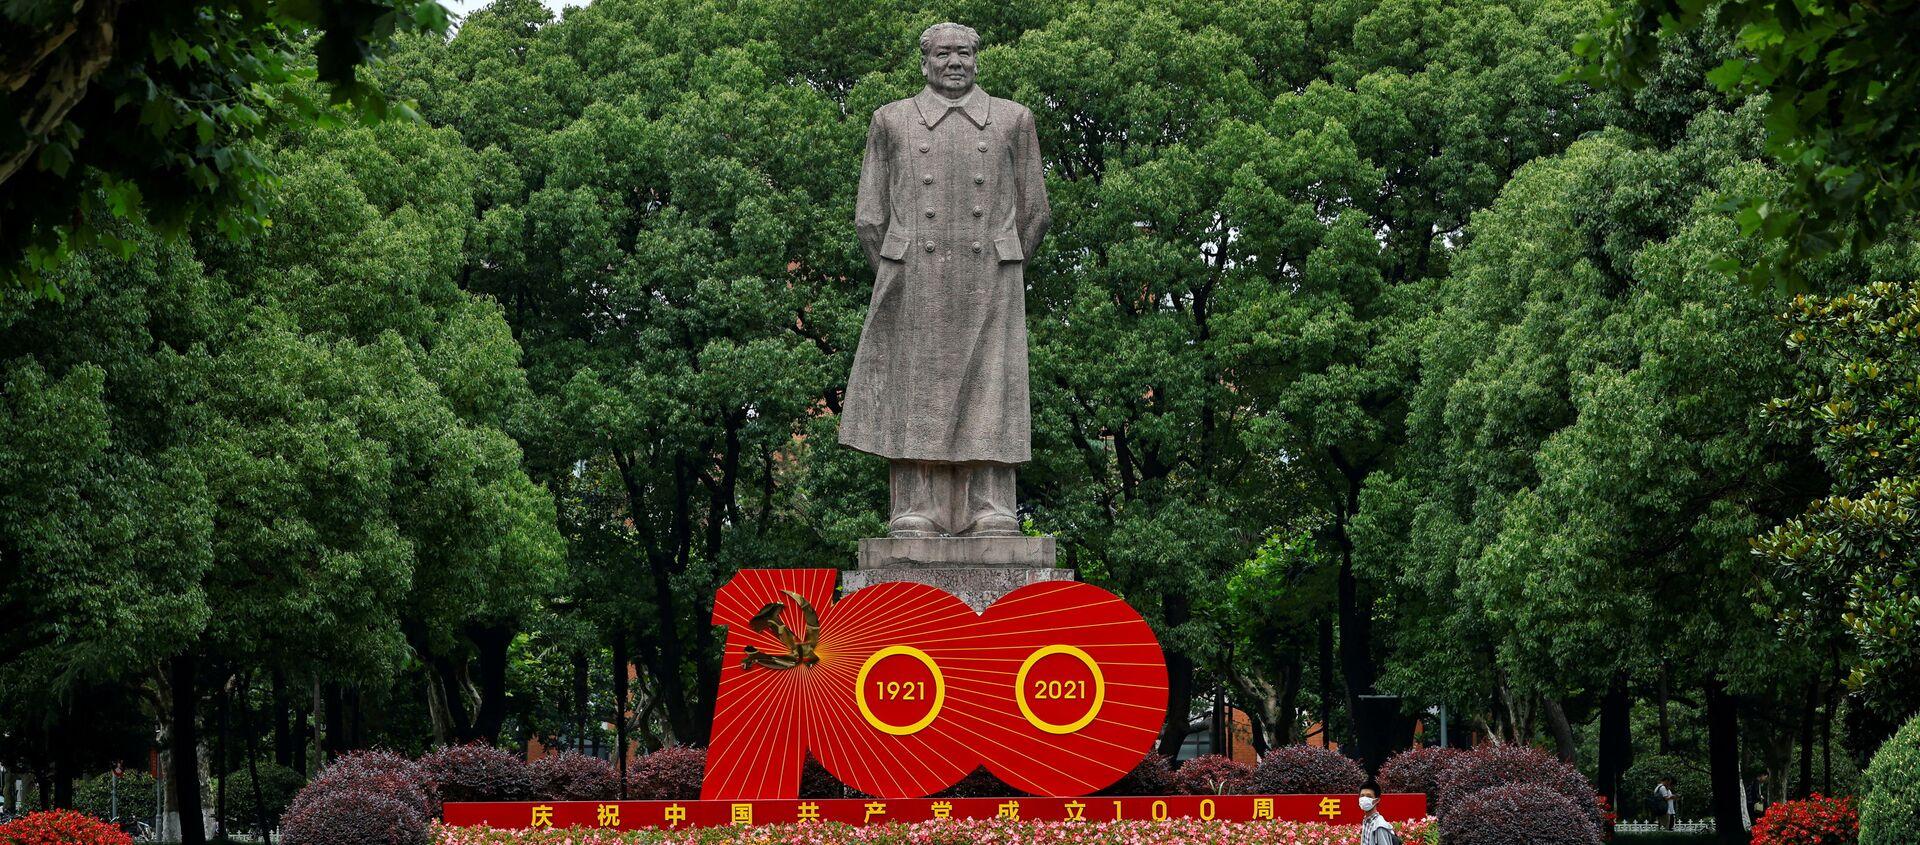 Tượng lãnh tụ Trung Quốc Mao Trạch Đông và tác phẩm sắp đặt nhân kỷ niệm 100 năm Ngày thành lập Đảng Cộng sản Trung Quốc - Sputnik Việt Nam, 1920, 01.07.2021